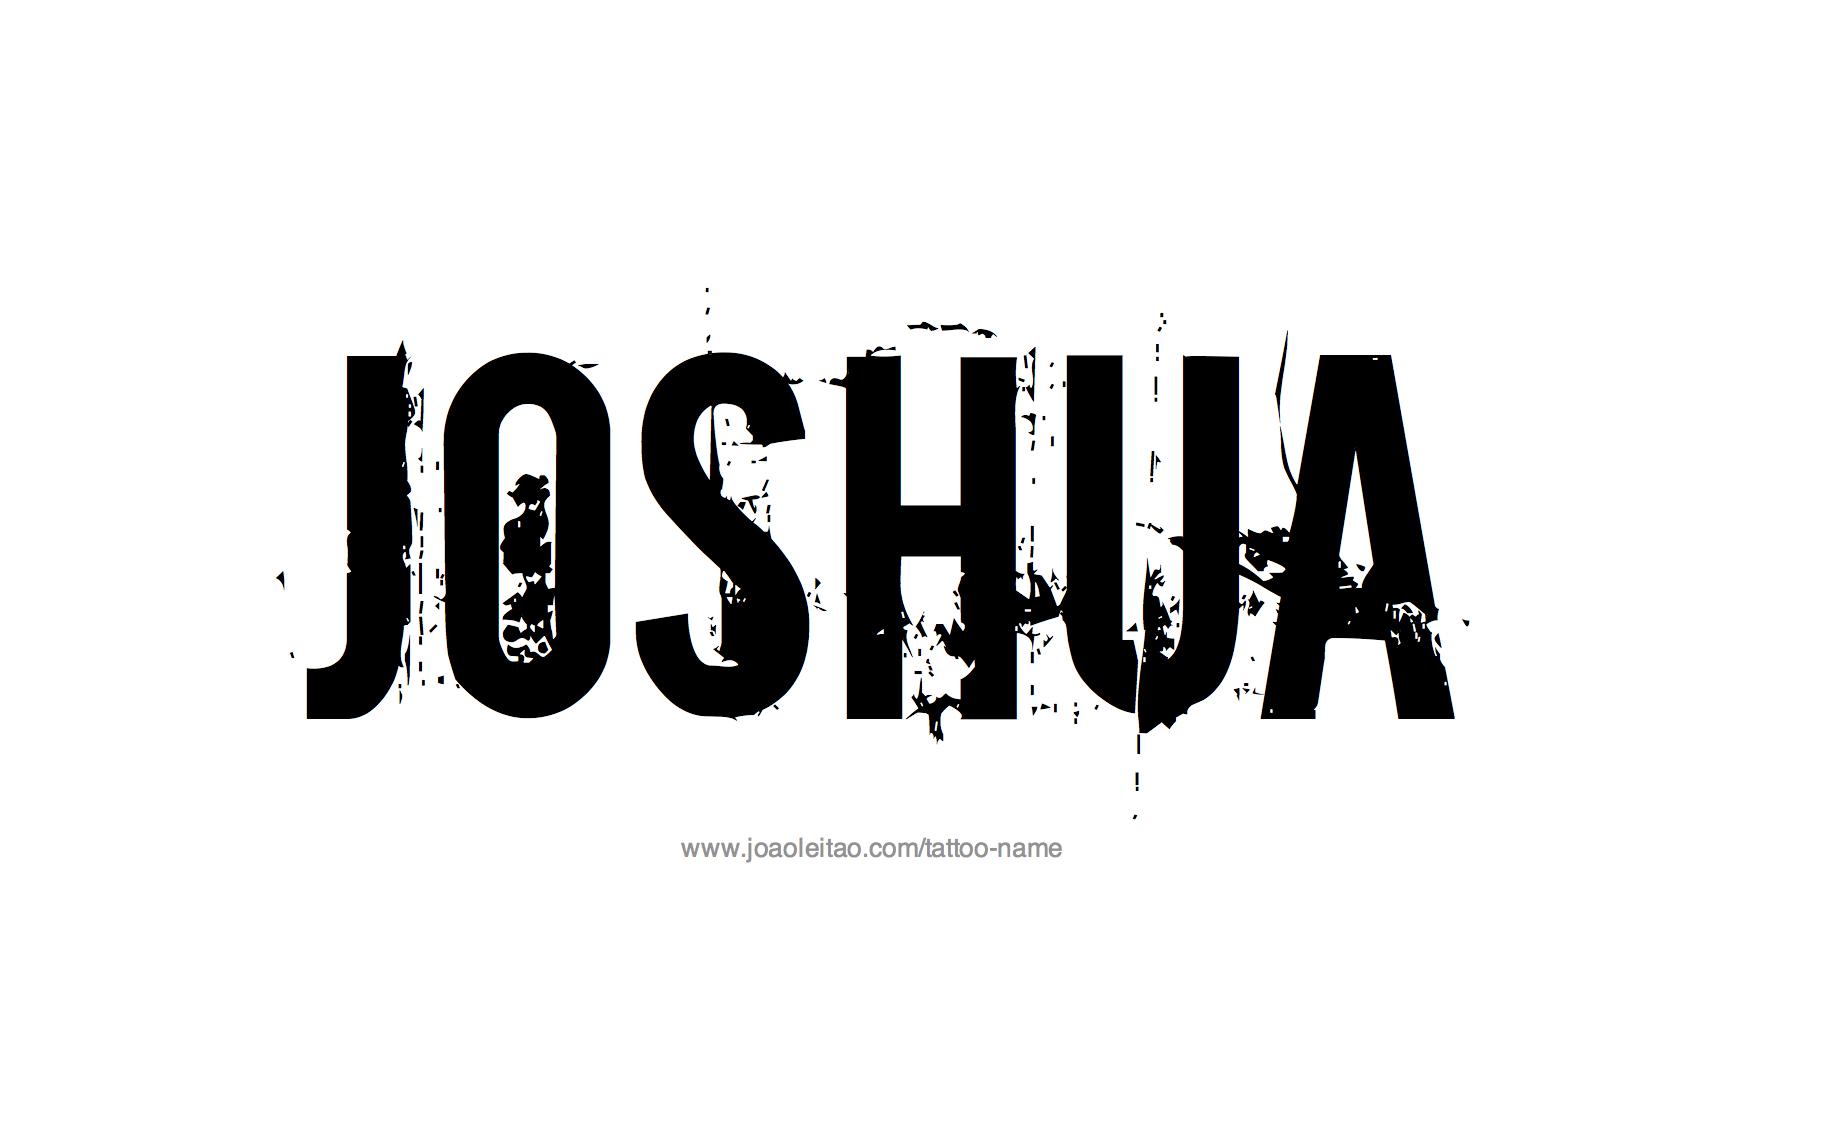 Joshua Name Tattoo Designs Joshua Name Name Tattoo Designs Name Tattoo